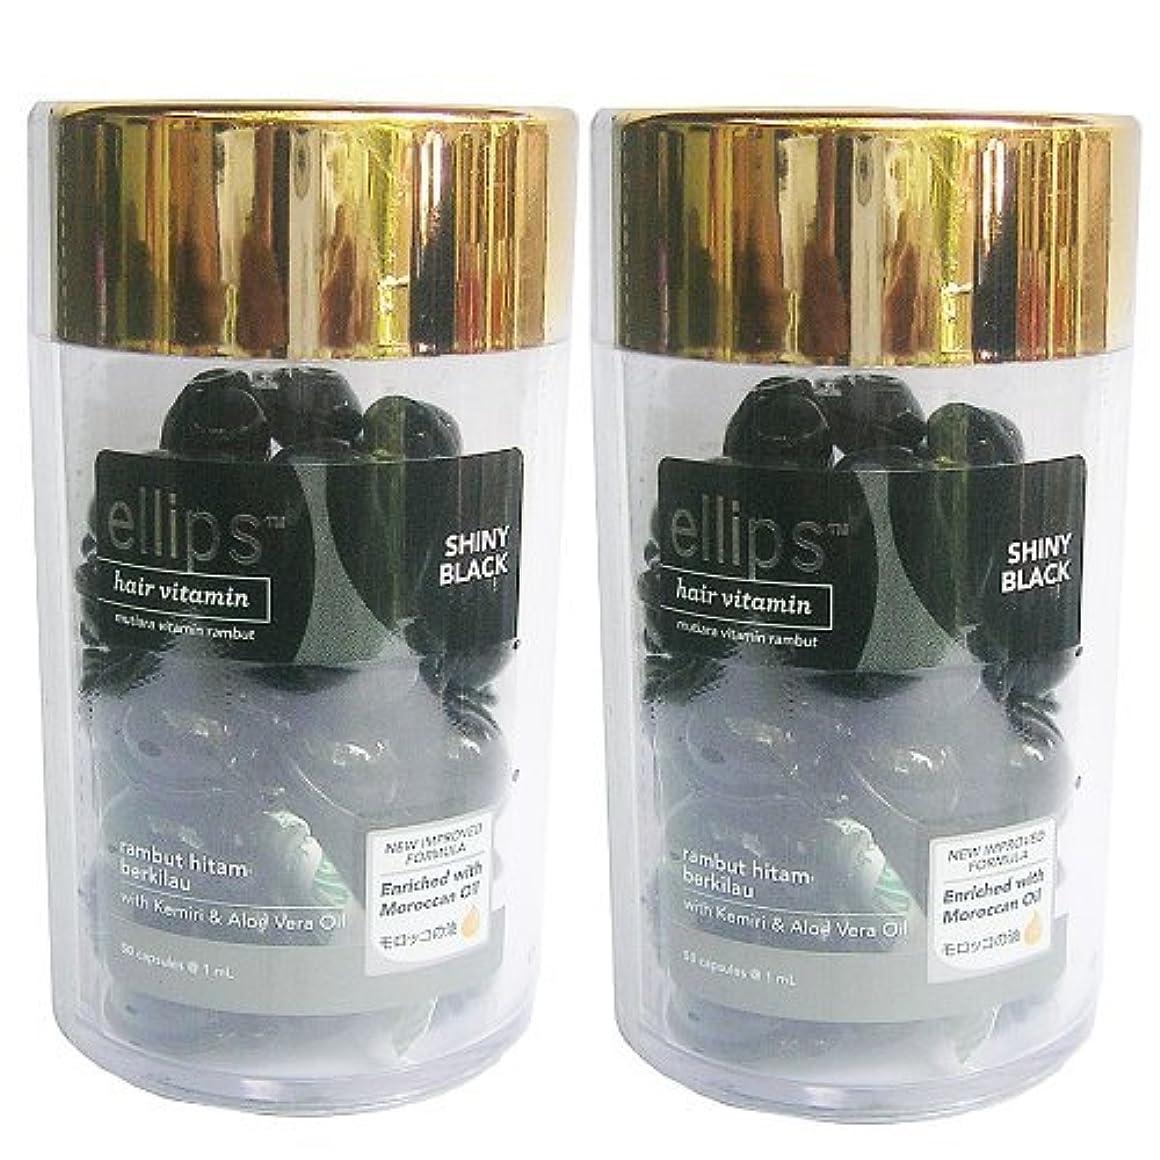 エレクトロニックケーブル肌エリプス(Ellips) ヘアビタミン(50粒入)2個セット ブラック[海外直送品][並行輸入品]